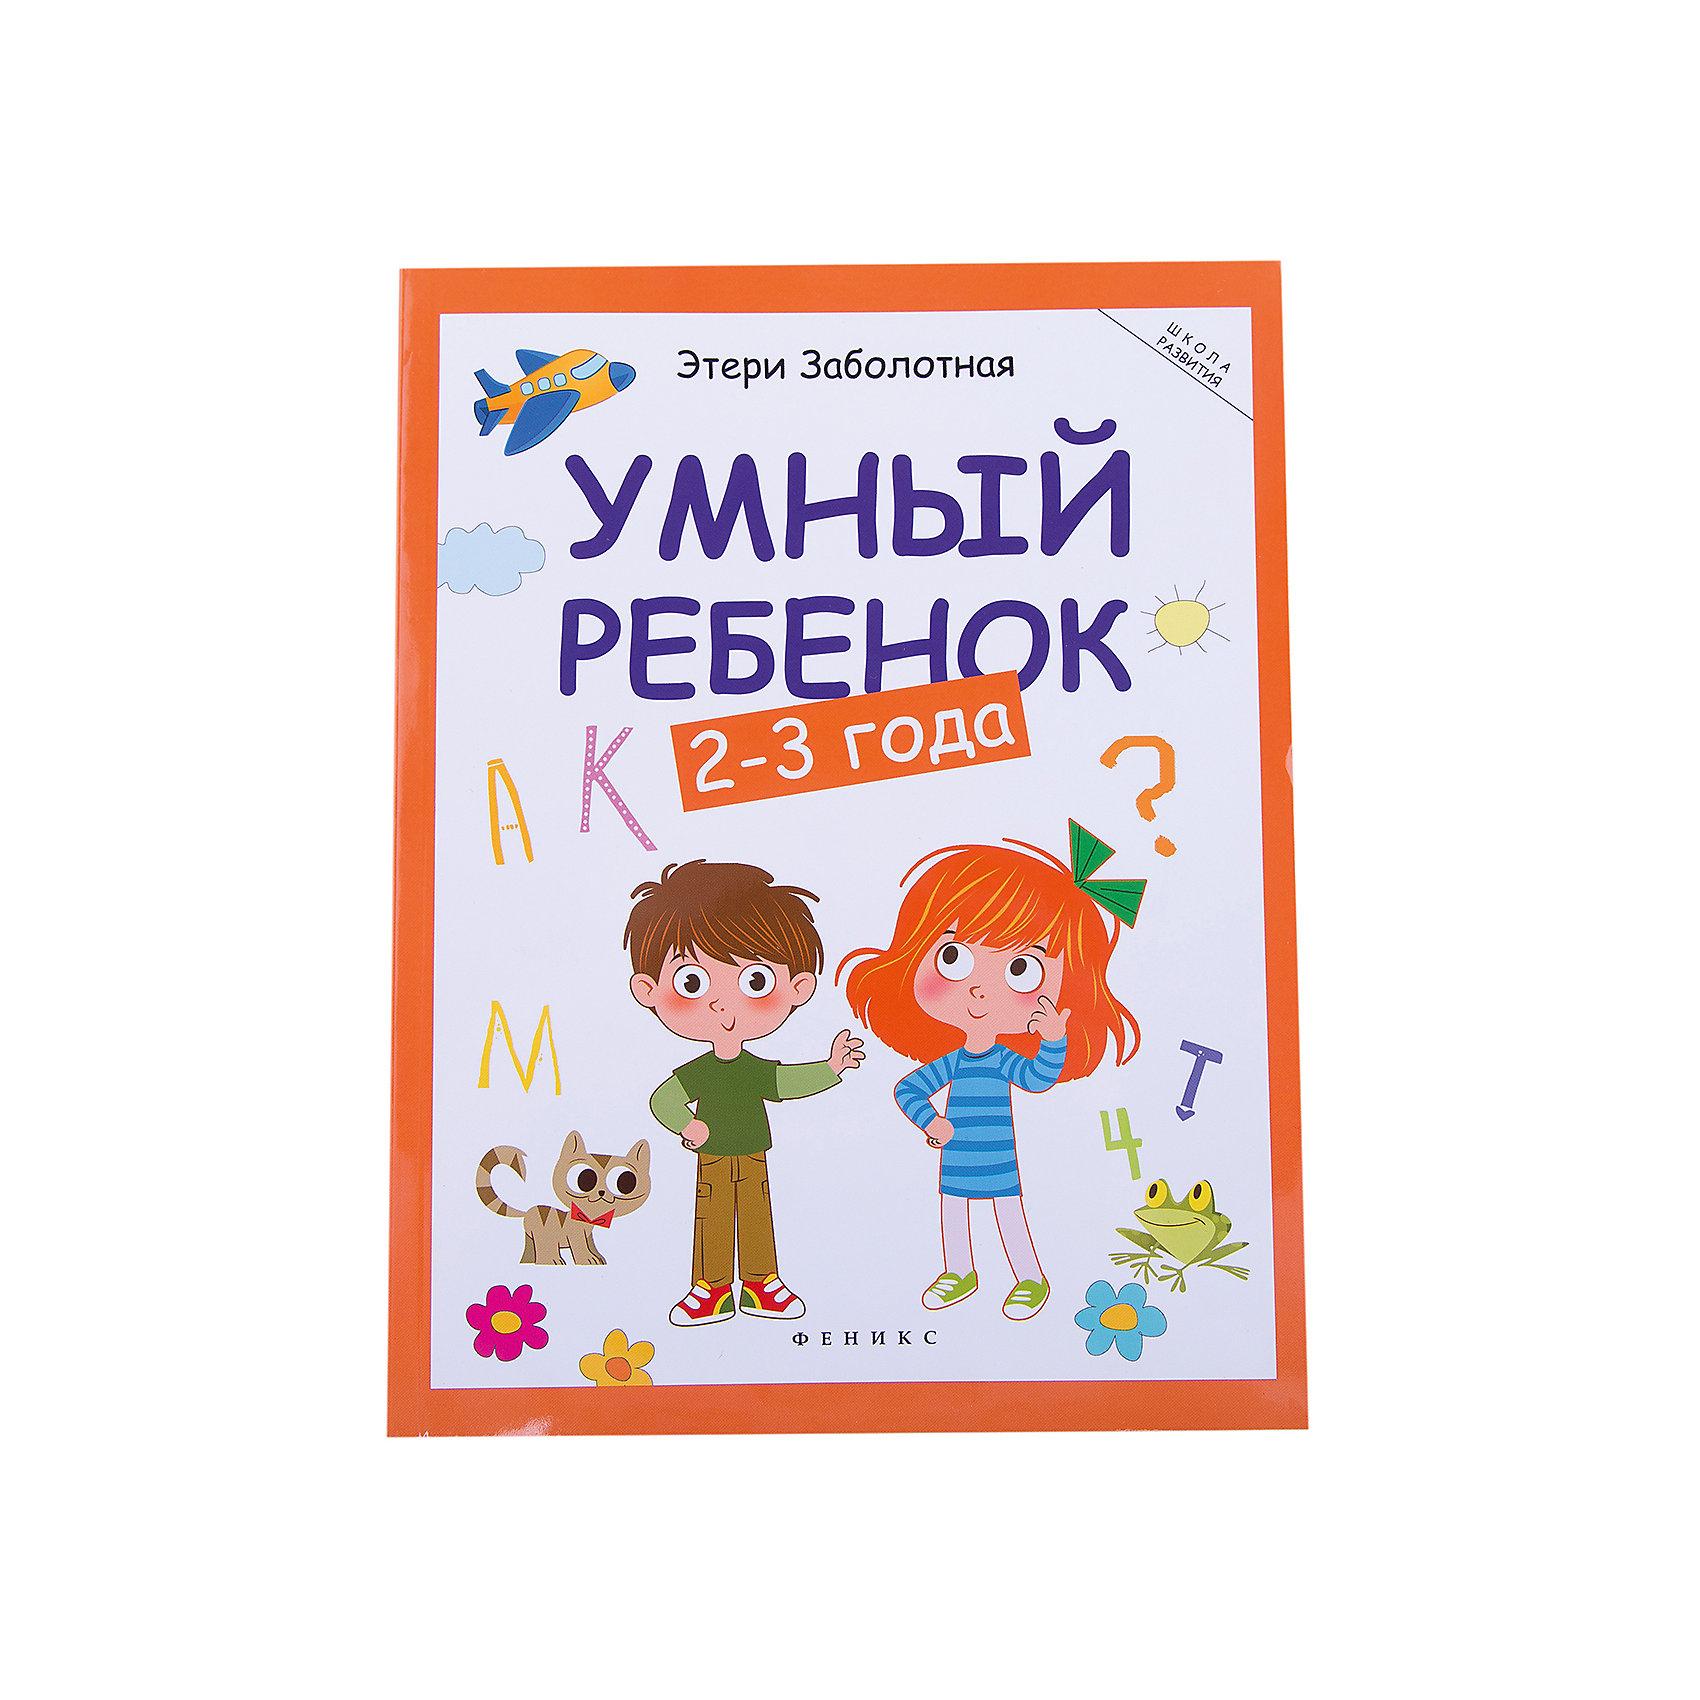 Умный ребенок: 2-3 годаТесты и задания<br>Умный ребенок: 2-3 года – это красочная книга, представляющий собой цикл занятий с игровыми иллюстрированными заданиями для малышей.<br>В книге содержится множество заданий для малышей от 2 до 3 лет. Задания охватывают самые разные области: знакомство с животными и их детенышами, геометрическими формами, цветами, буквами, цифрами, понятиями большой - маленький, высокий - низкий. Также есть упражнения на внимательность (найди такой же предмет, покажи два одинаковых предмета и другие). В некоторых заданиях нужно использовать карандаши: обвести рисунок по контуру, провести линию, раскрасить. Все задания и упражнения даны в игровой форме. Серия книг Умный ребенок представляет собой комплексную программу умственного развития ребенка от 2 до 6 лет и содержит 4 пособия. Обучаясь по данной программе, ребенок получит раннее, всестороннее развитие интеллекта и приобретет необходимые знания, умения и навыки для успешного обучения в школе.<br><br>Дополнительная информация:<br><br>- Автор: Заболотная Этери Николаевна<br>- Художник: Сытько Светлана<br>- Редактор: Бахметова Юлия<br>- Издательство: Феникс-Премьер<br>- Серия: Школа развития<br>- Тип обложки: мягкий переплет (крепление скрепкой или клеем)<br>- Иллюстрации: цветные<br>- Количество страниц: 128 (офсет)<br>- Размер: 260x203x8 мм.<br>- Вес: 368 гр.<br><br>Книга «Умный ребенок: 2-3 года» - это издание, предназначенное для педагогов дошкольных учреждений, воспитателей, гувернёров, а также для индивидуальных занятий родителей с детьми.<br><br>Книгу «Умный ребенок: 2-3 года» можно купить в нашем интернет-магазине.<br><br>Ширина мм: 199<br>Глубина мм: 9<br>Высота мм: 260<br>Вес г: 370<br>Возраст от месяцев: 24<br>Возраст до месяцев: 36<br>Пол: Унисекс<br>Возраст: Детский<br>SKU: 4994797